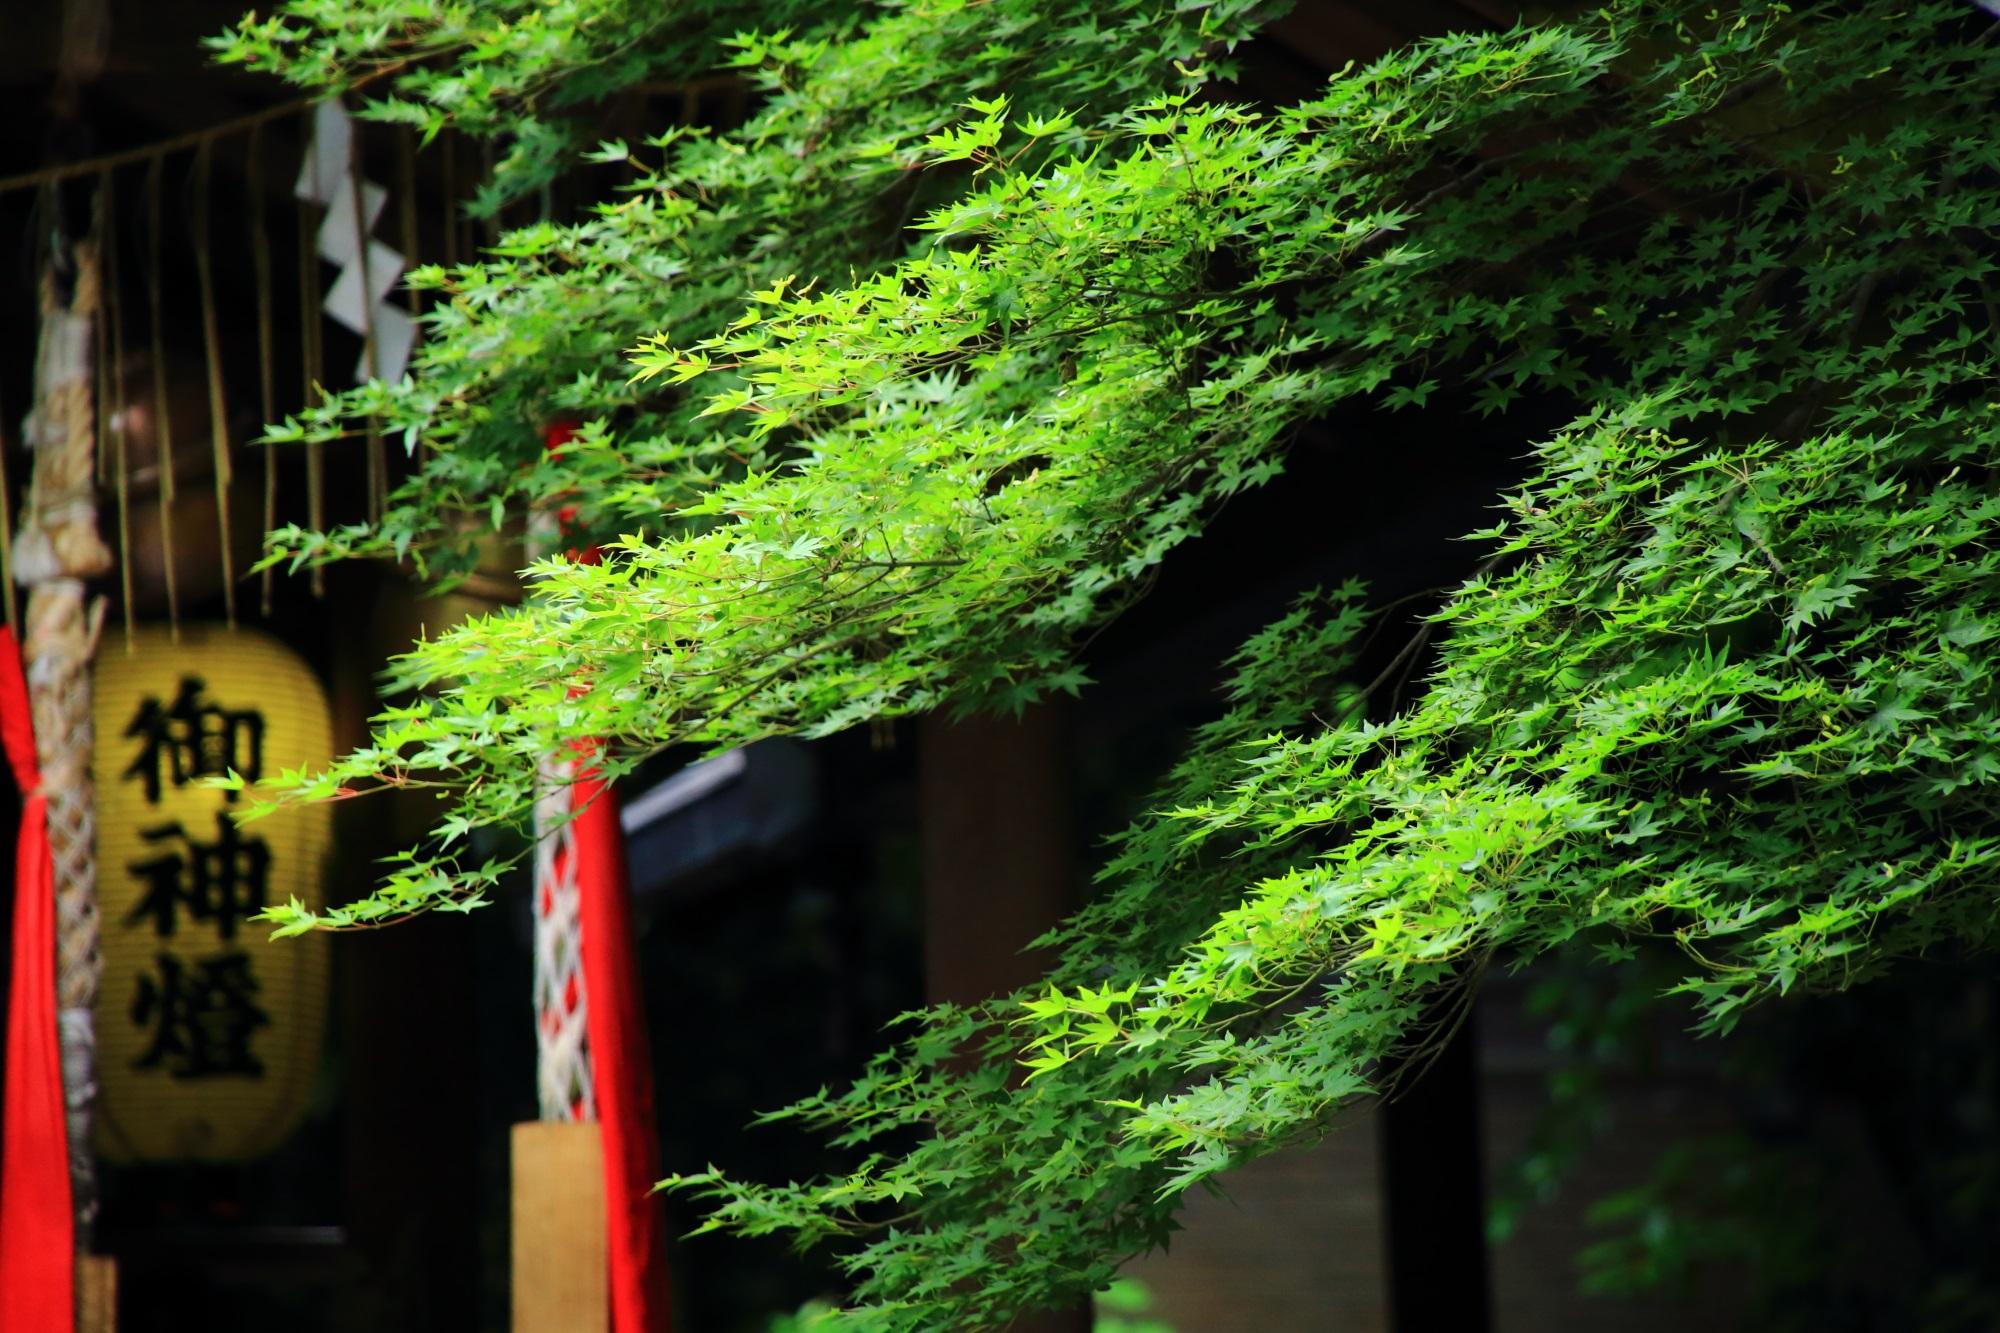 京都嵐山の野宮神社の本殿と青もみじ